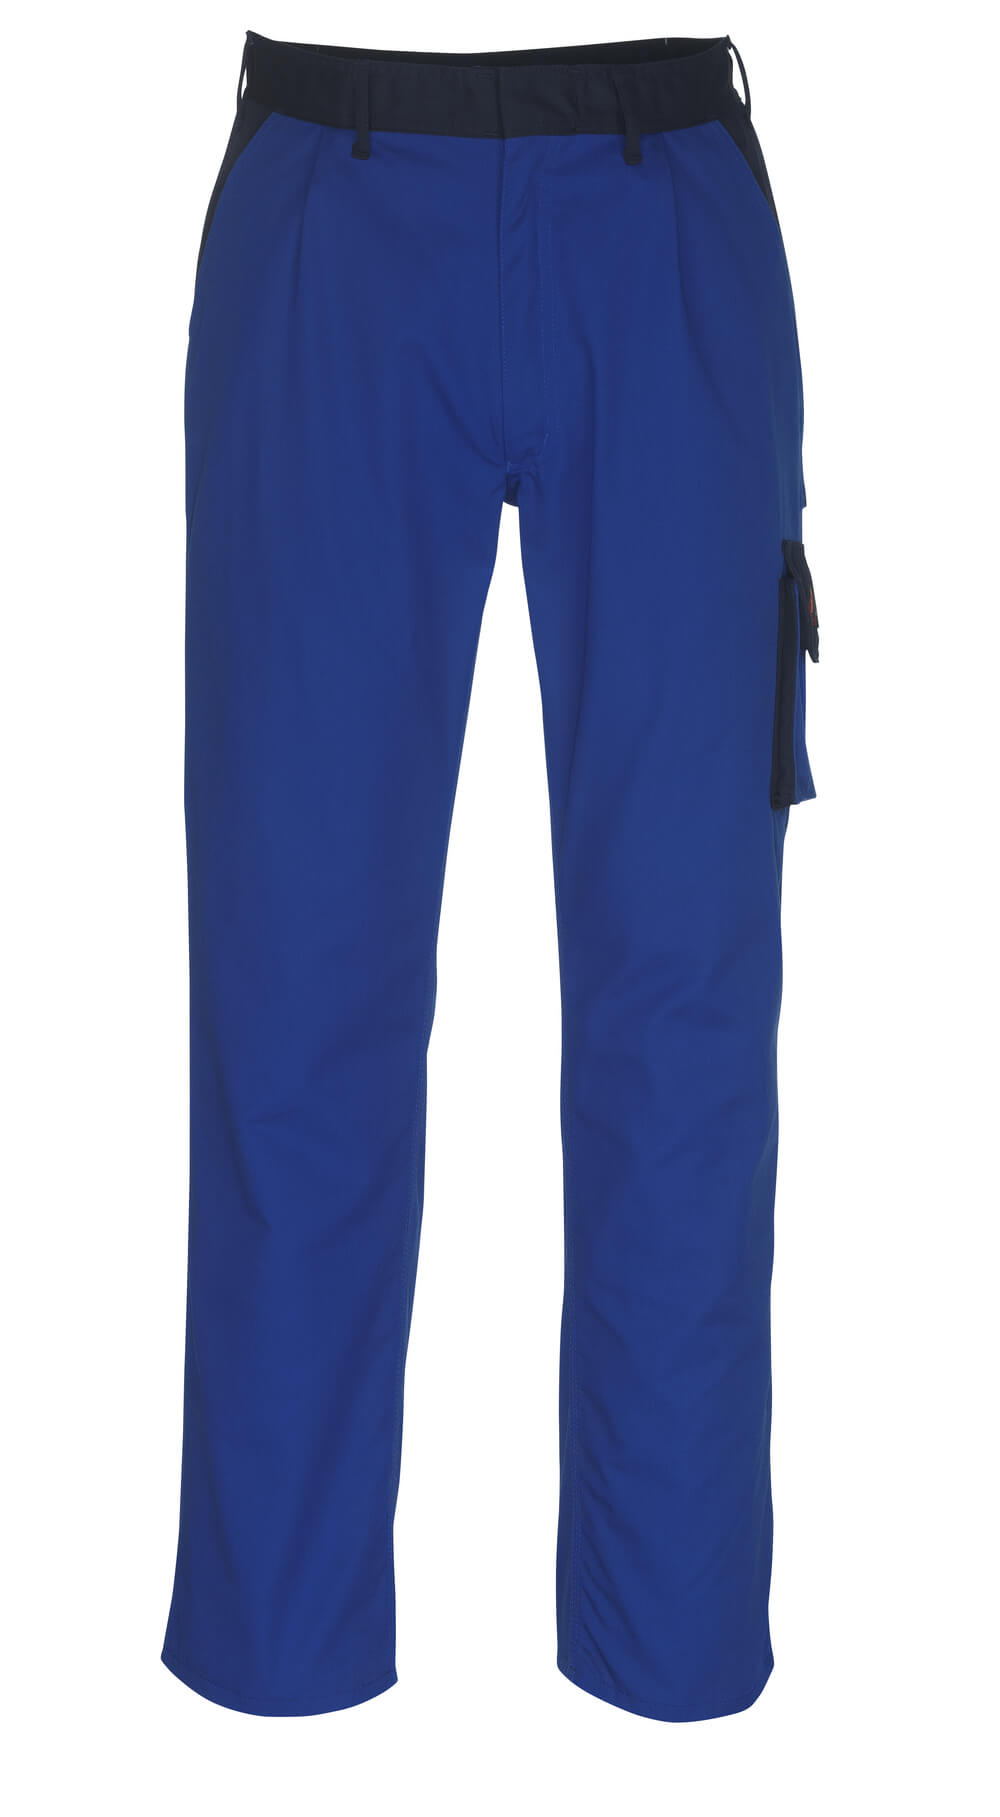 08779-442-1101 Spodnie z kieszeniami na udach - niebieski/granat